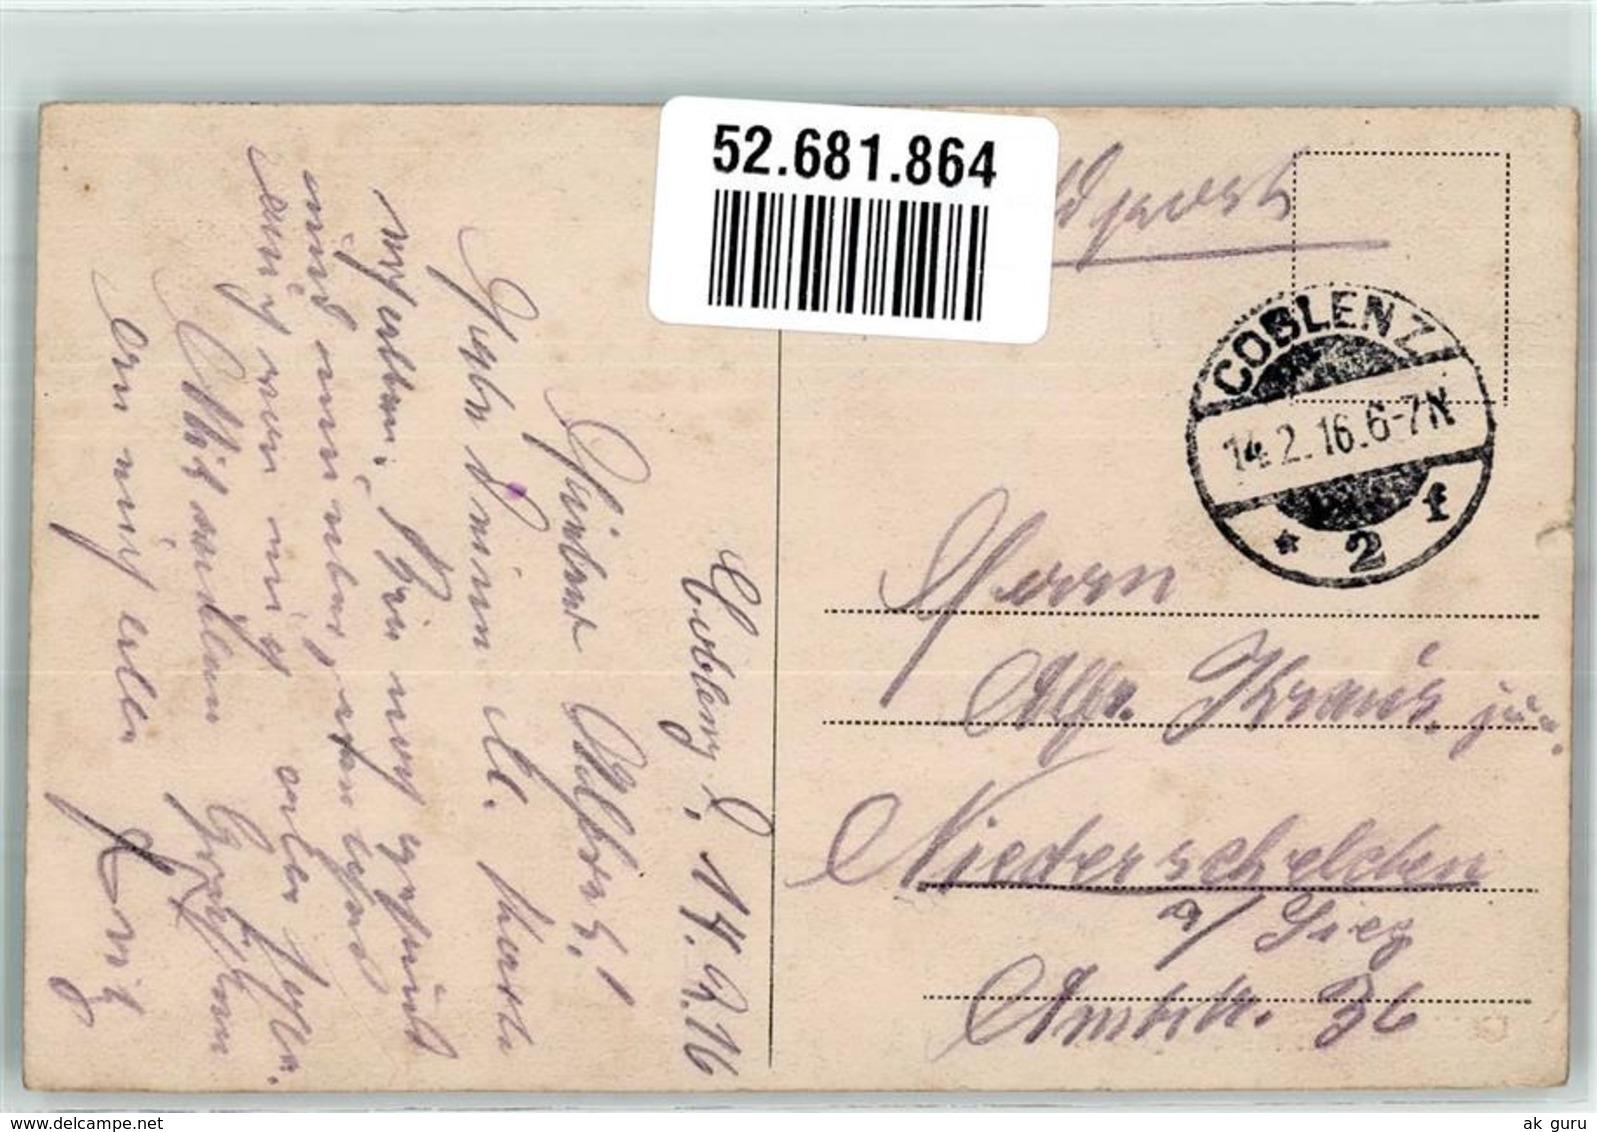 52681864 - Koblenz Am Rhein - Koblenz